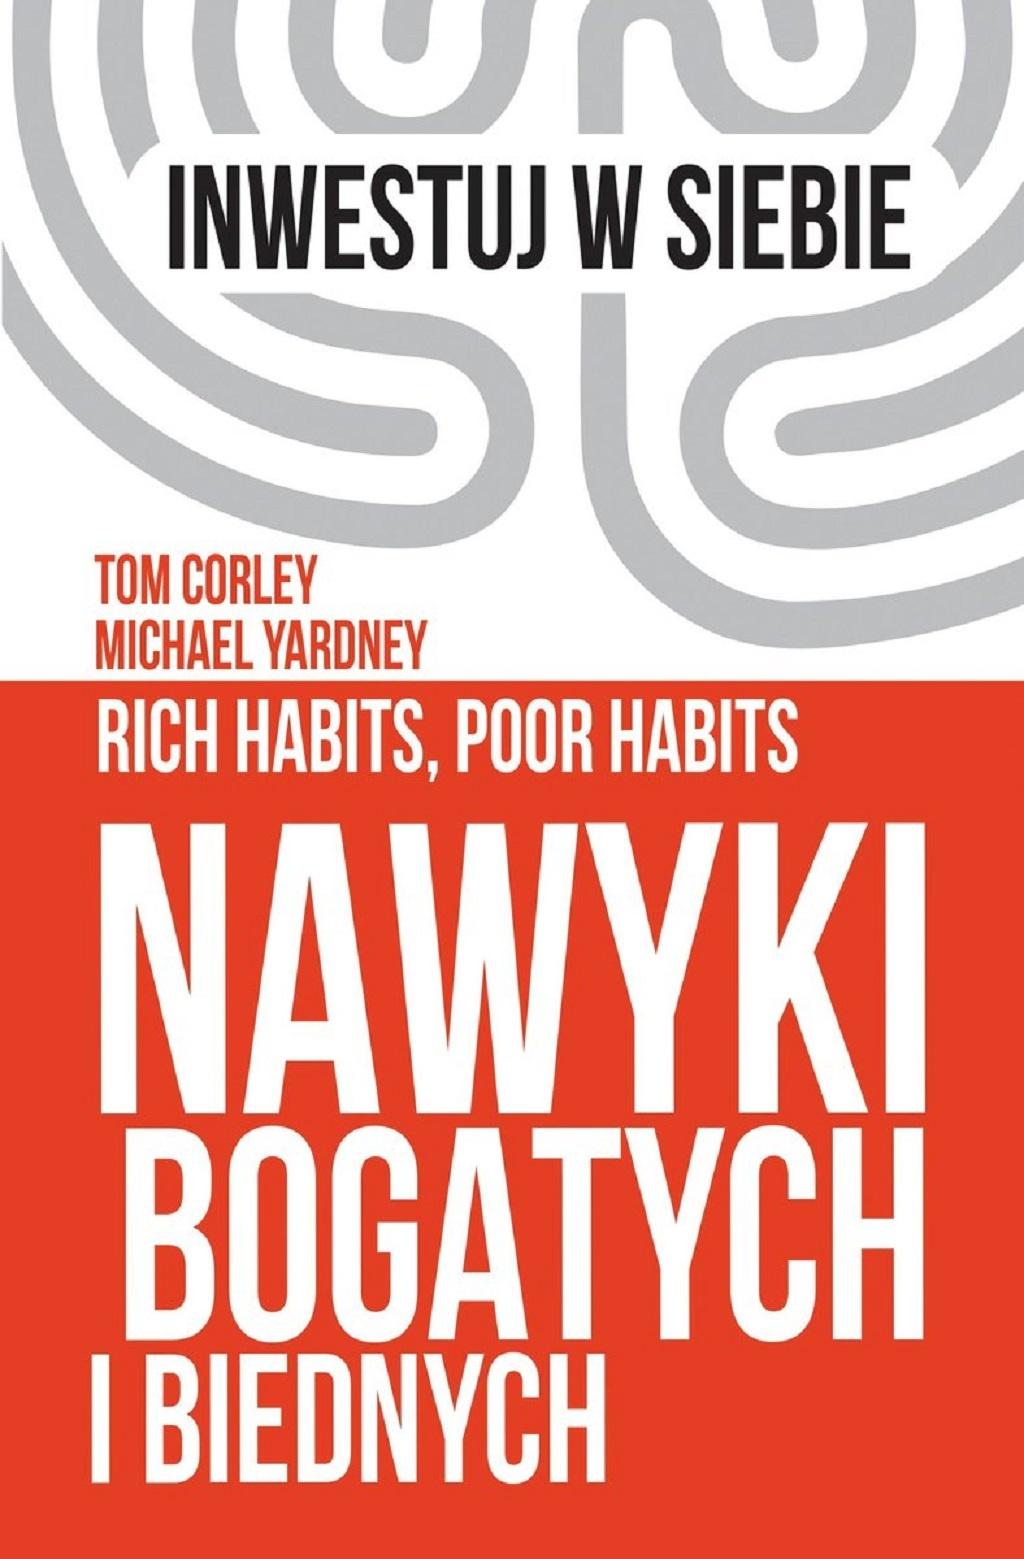 Michael Yardney, Tom Corley – Nawyki bogatych i biednych